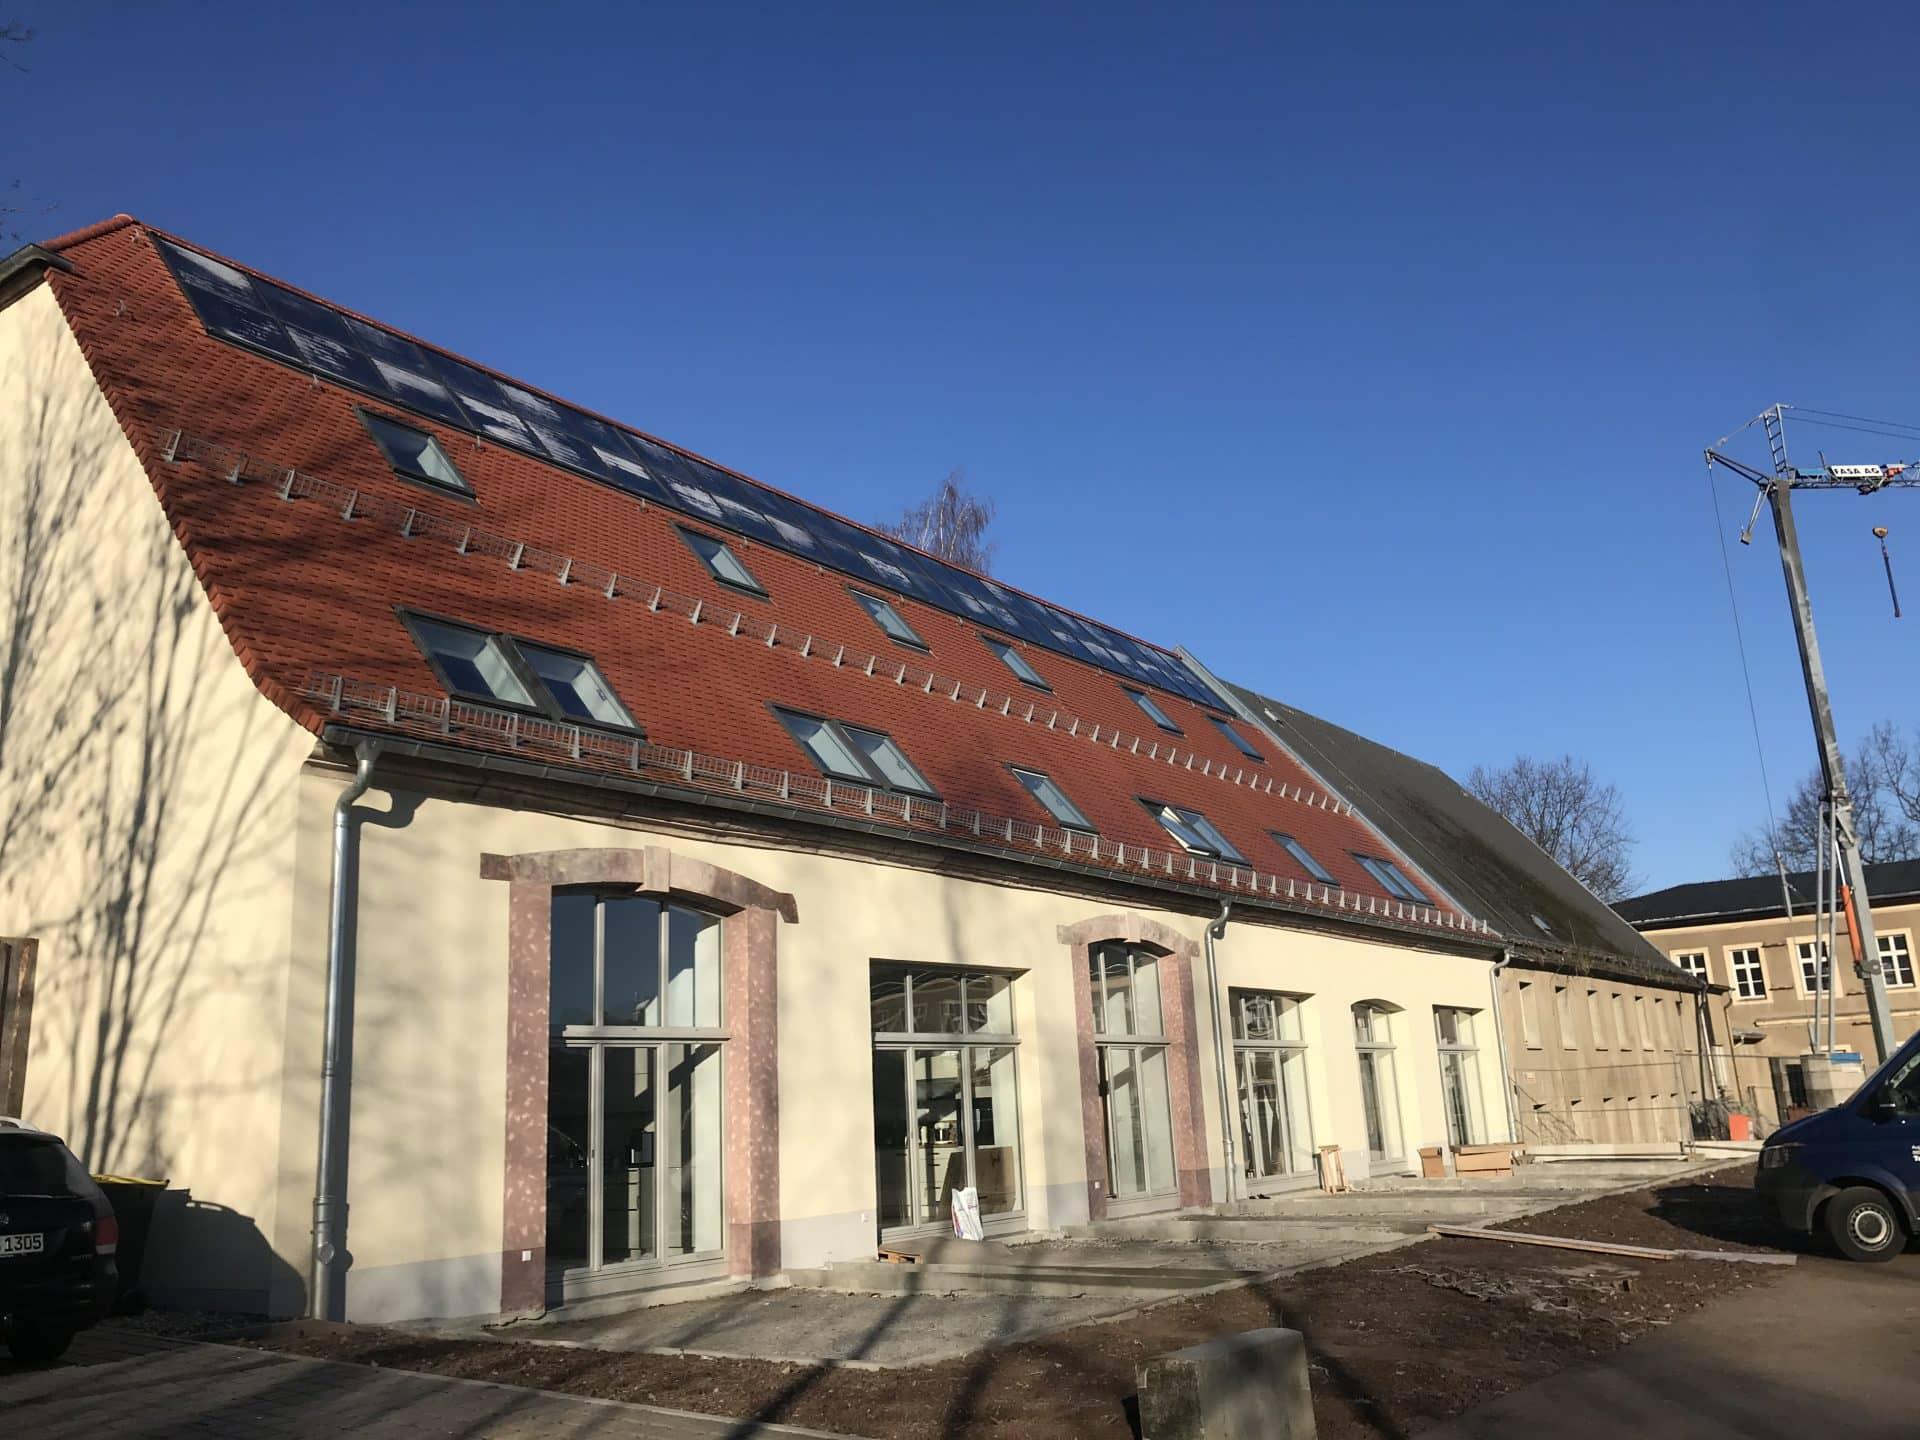 Hofscheune Bautenstand Januar 2020